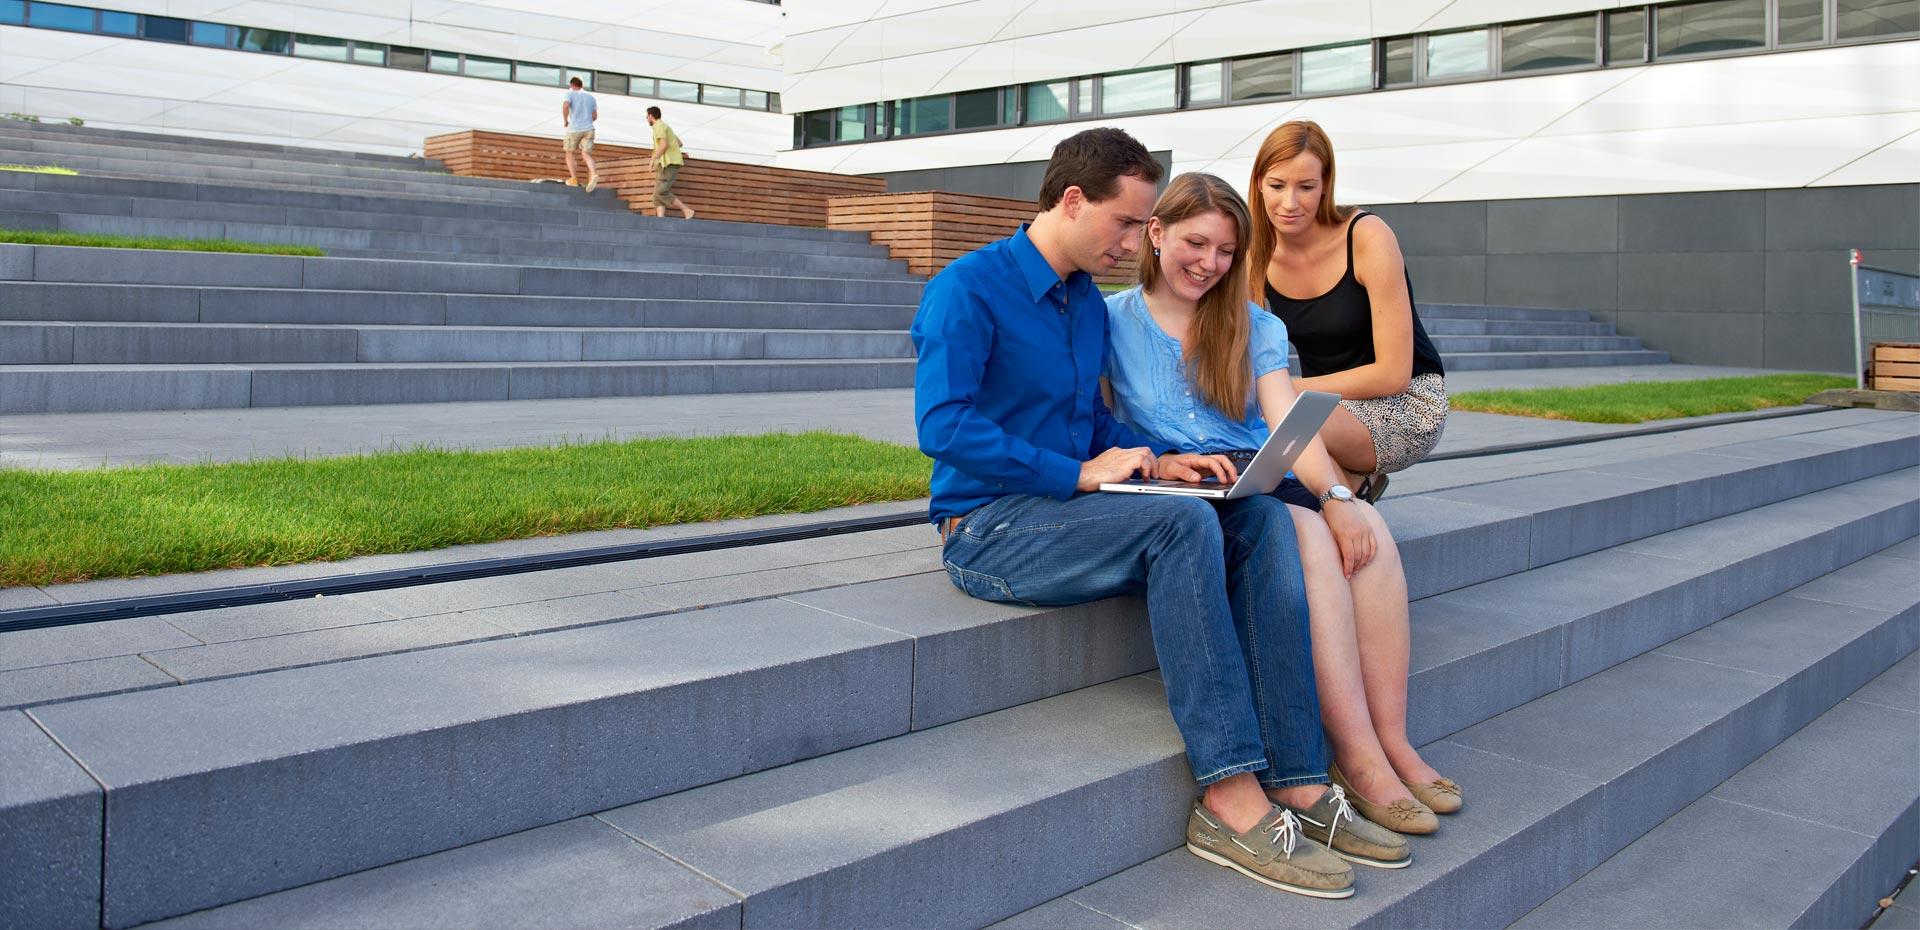 Drei junge Leute mit einem Laptop auf einer Treppe vor Bürogebäuden